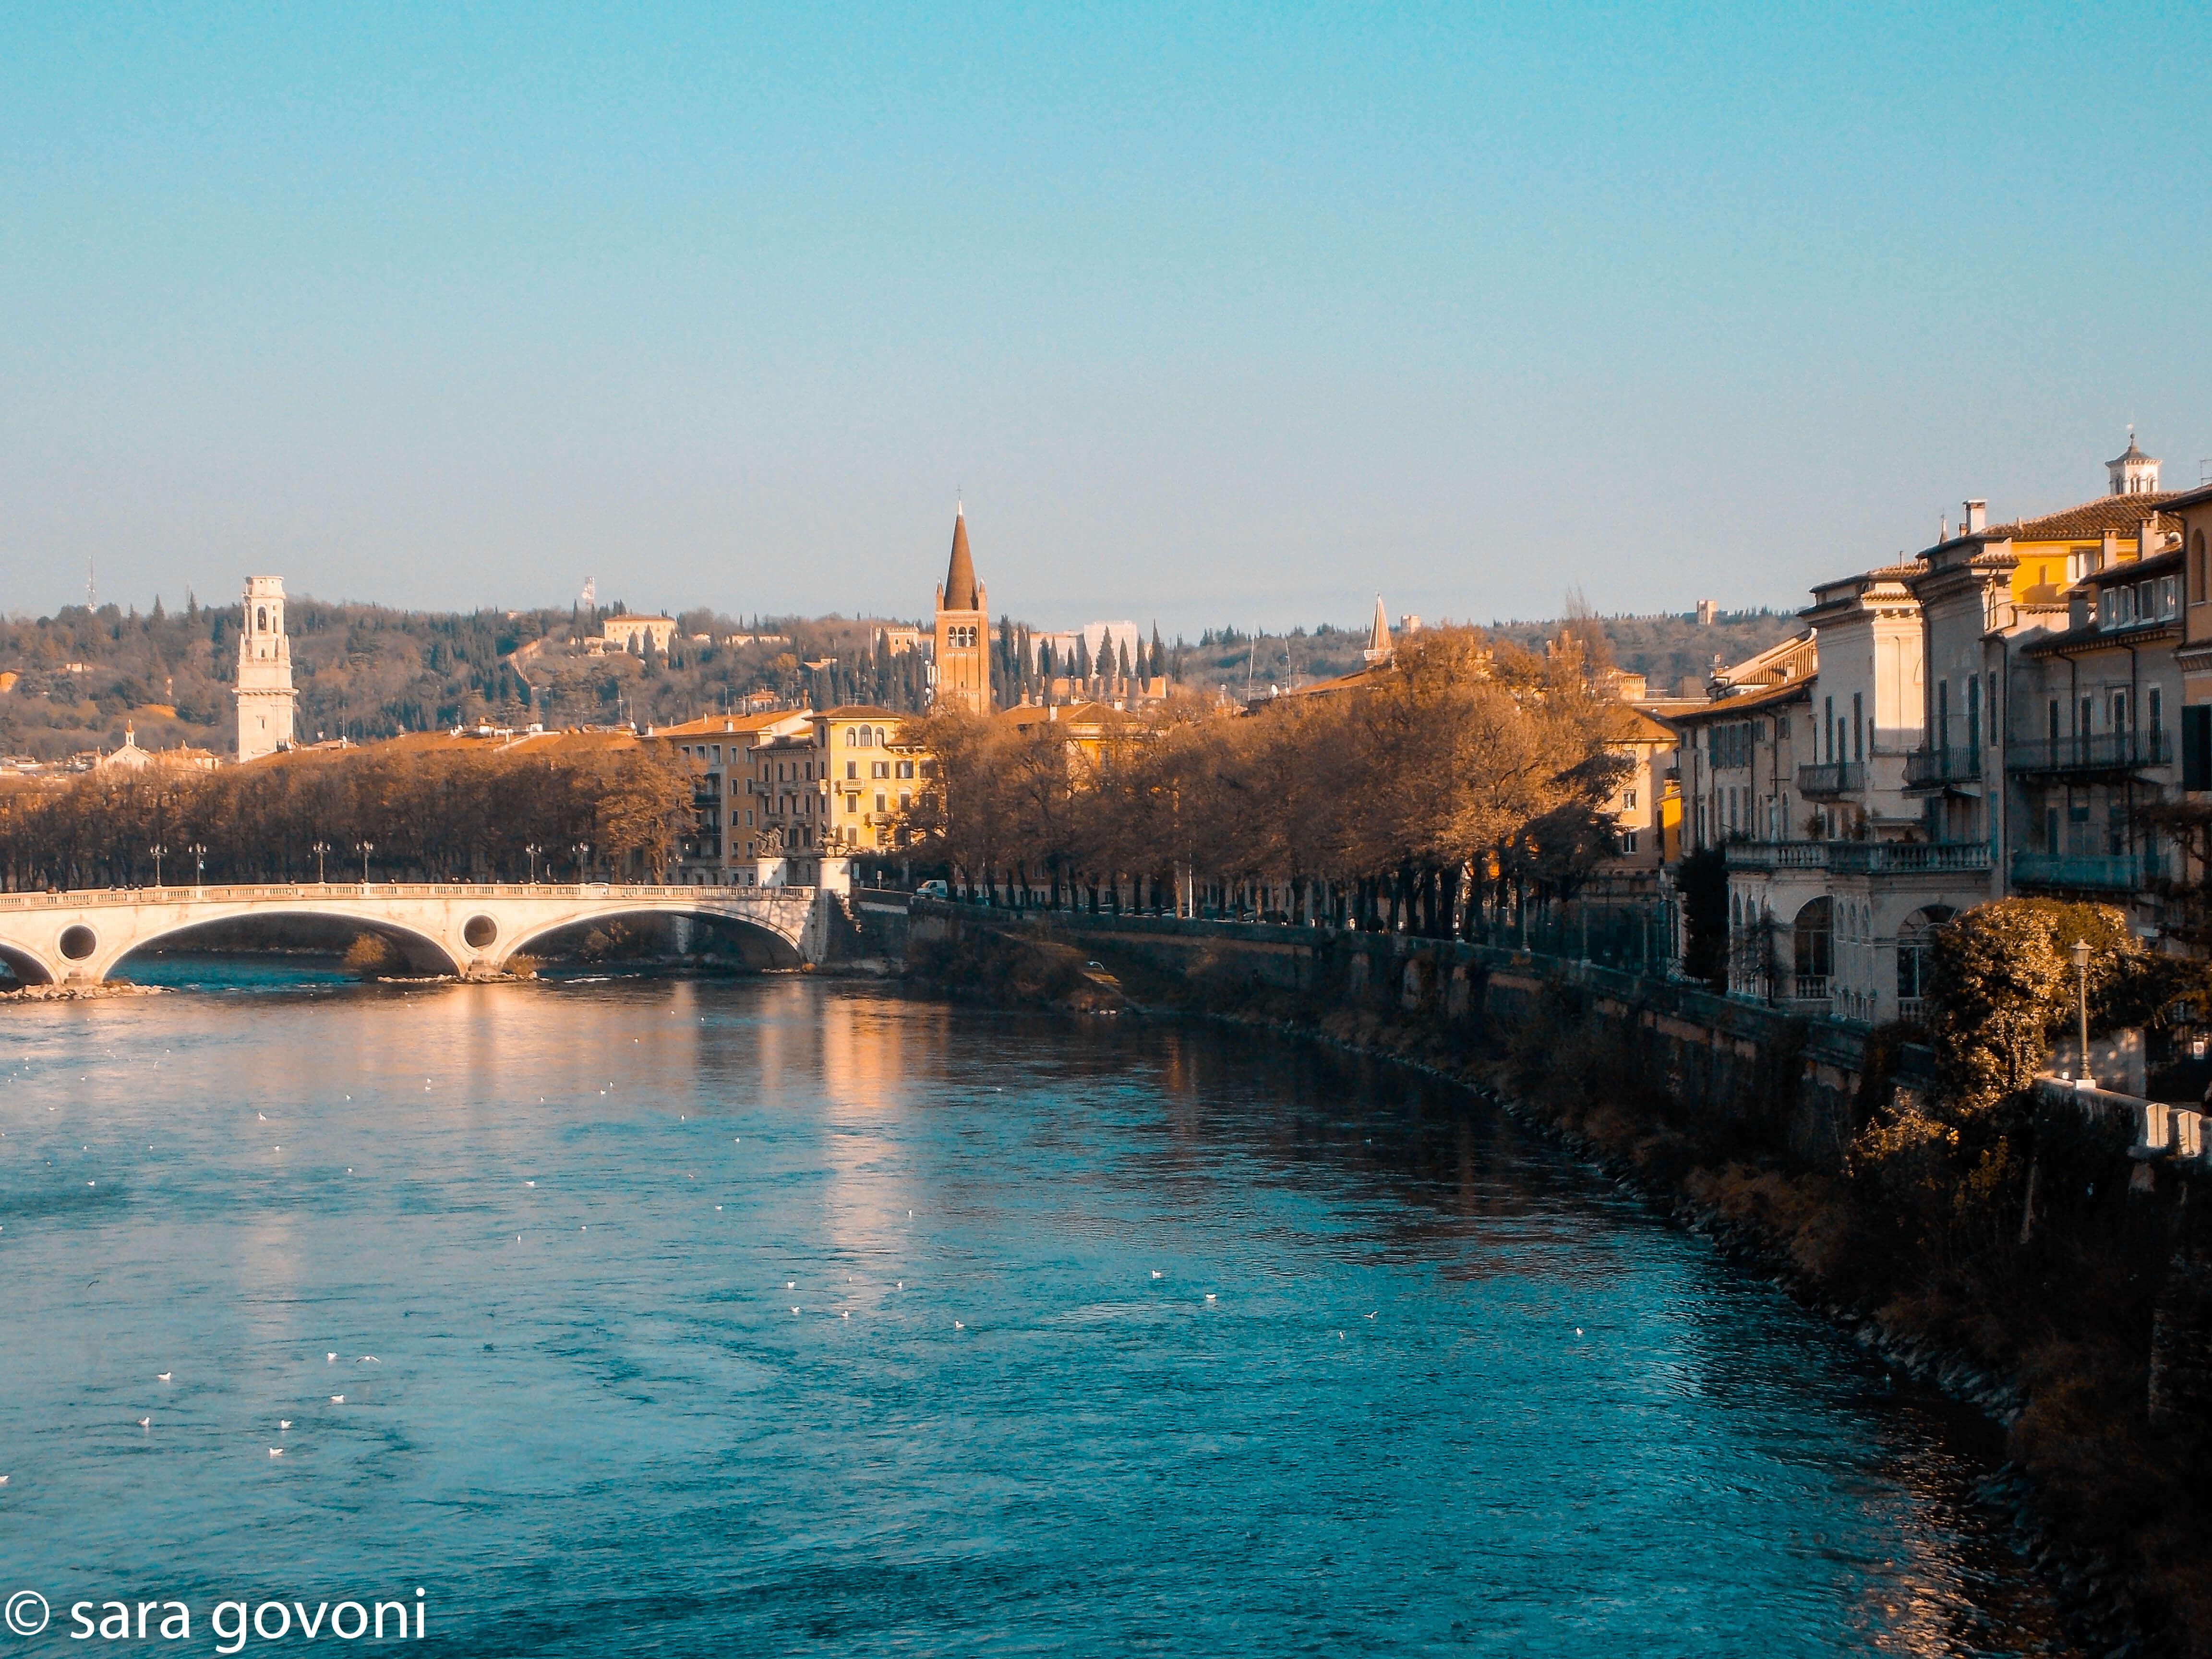 Cosa vedere a Verona in un giorno: vista della città specchiata sul fiume